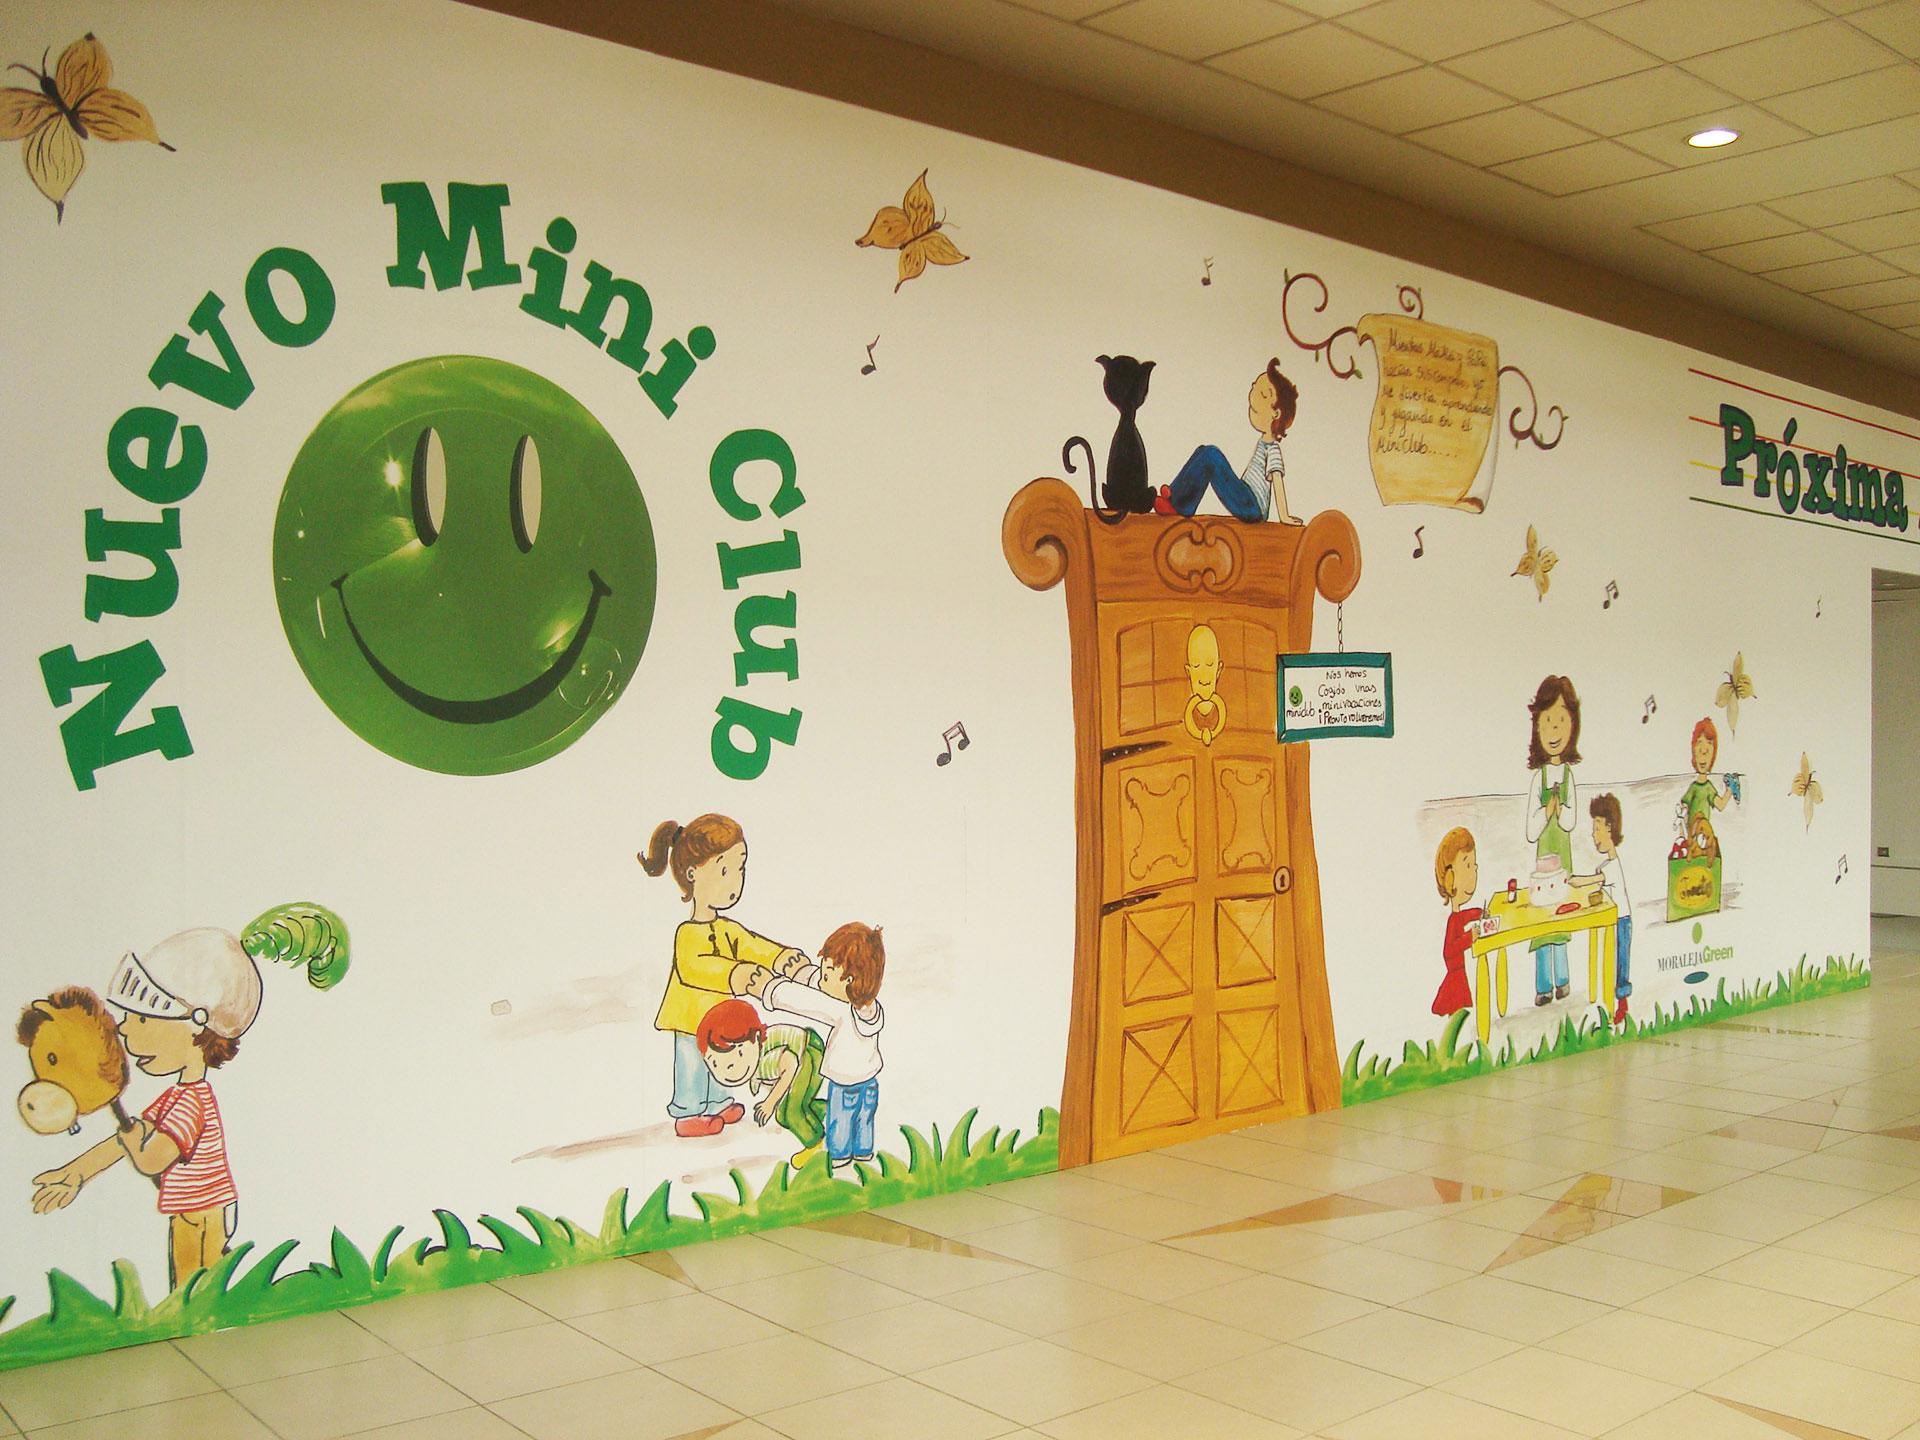 11-Vinilo-personalizado-para-mural-de-proteccion-de-obras-CC-La-Moraleja-green-Paula-Minguez